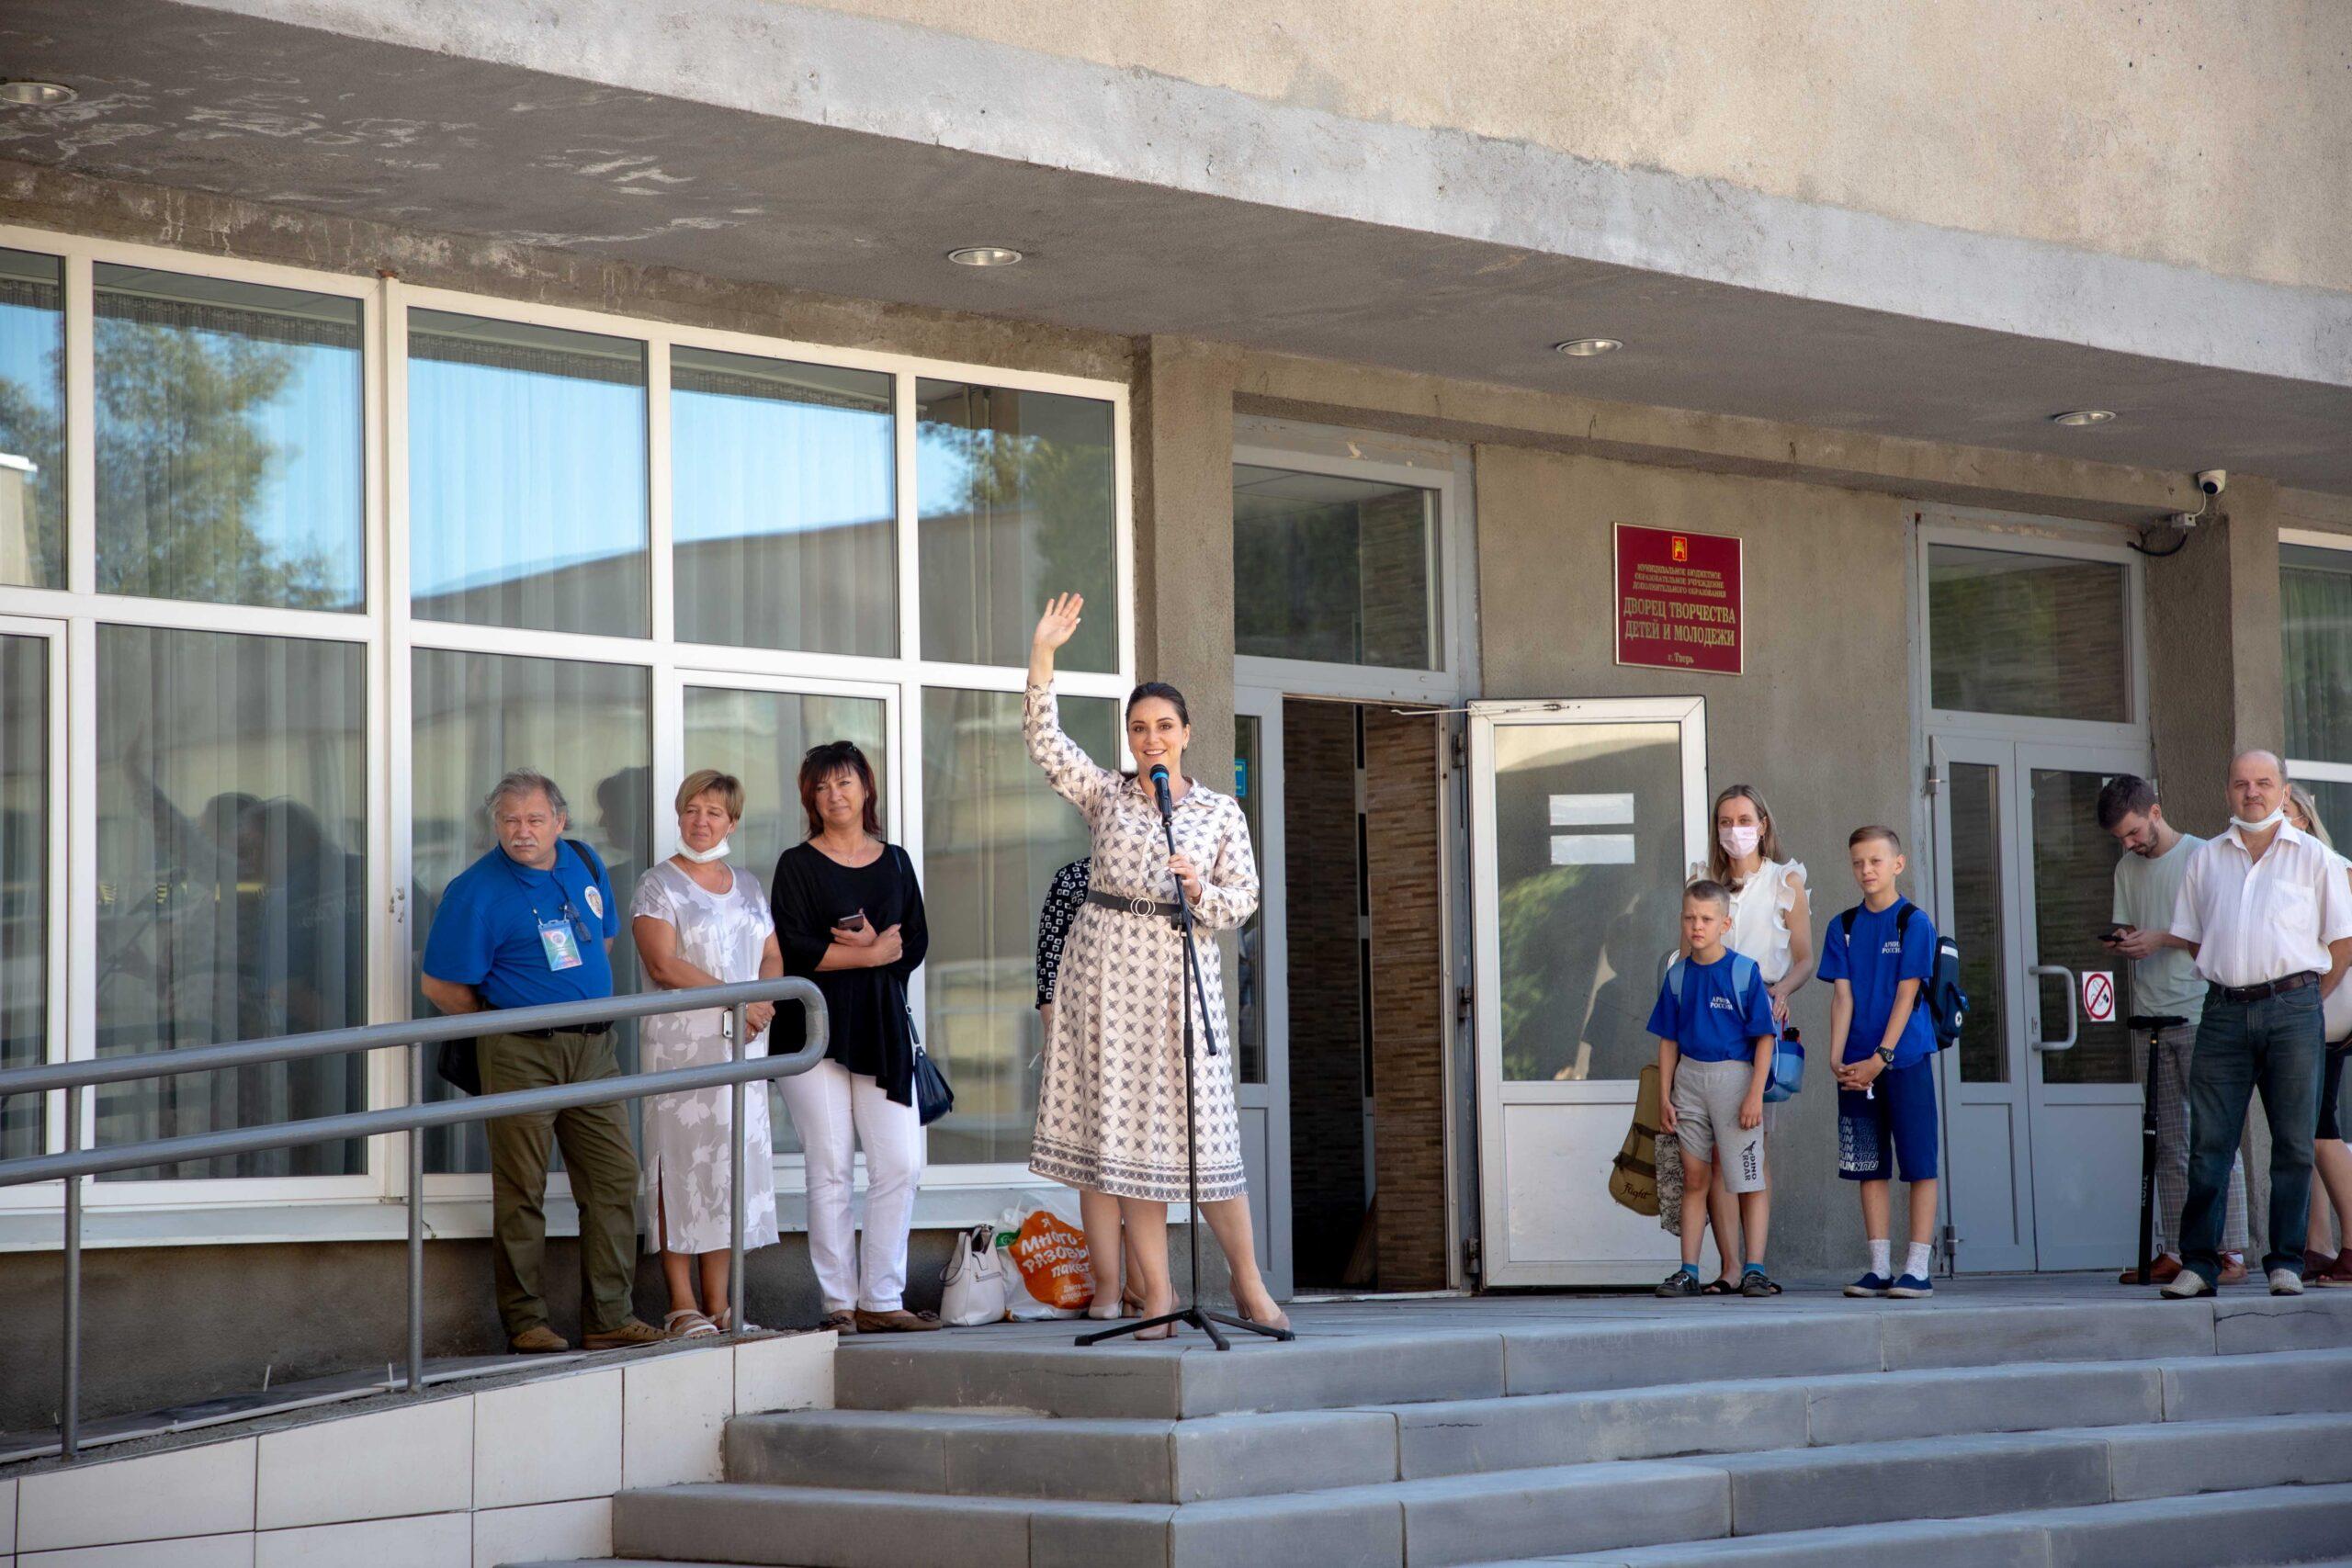 Модернизация по-летнему: Юлия Саранова поддержала идею реновации летних лагерей